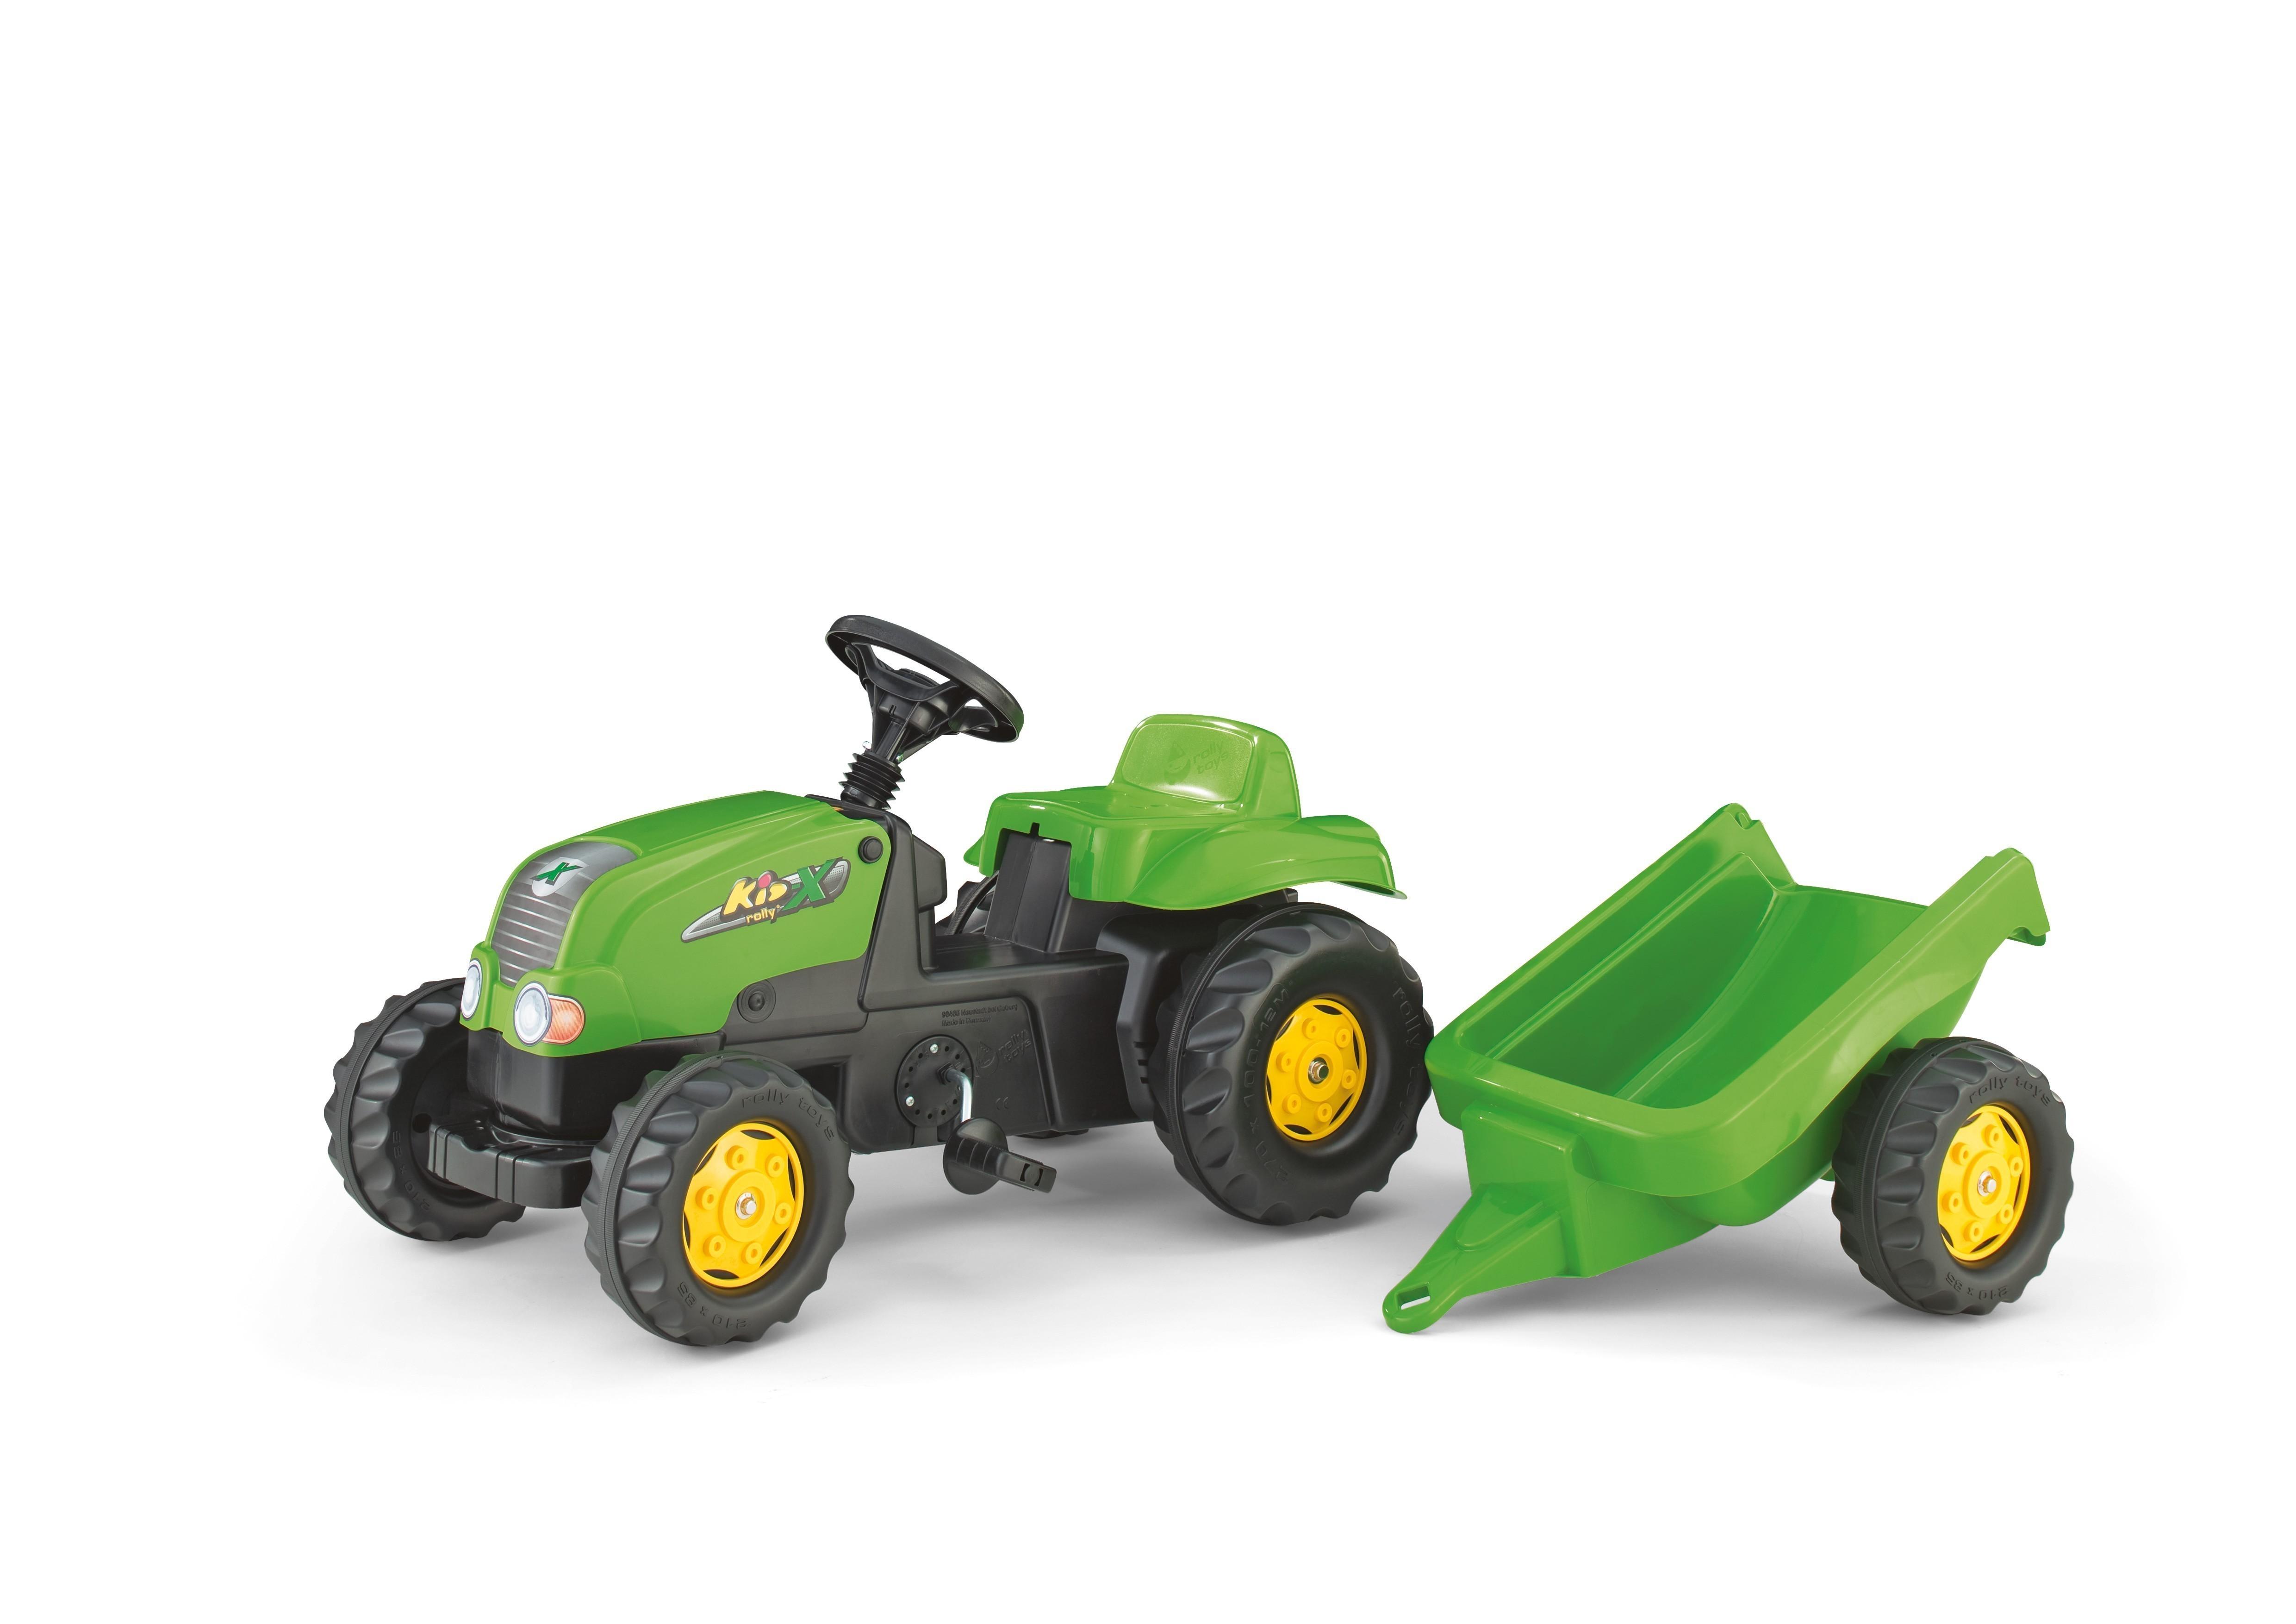 Trettraktor rolly Kid-X mit Anhänger grün - Rolly Toys Bild 1